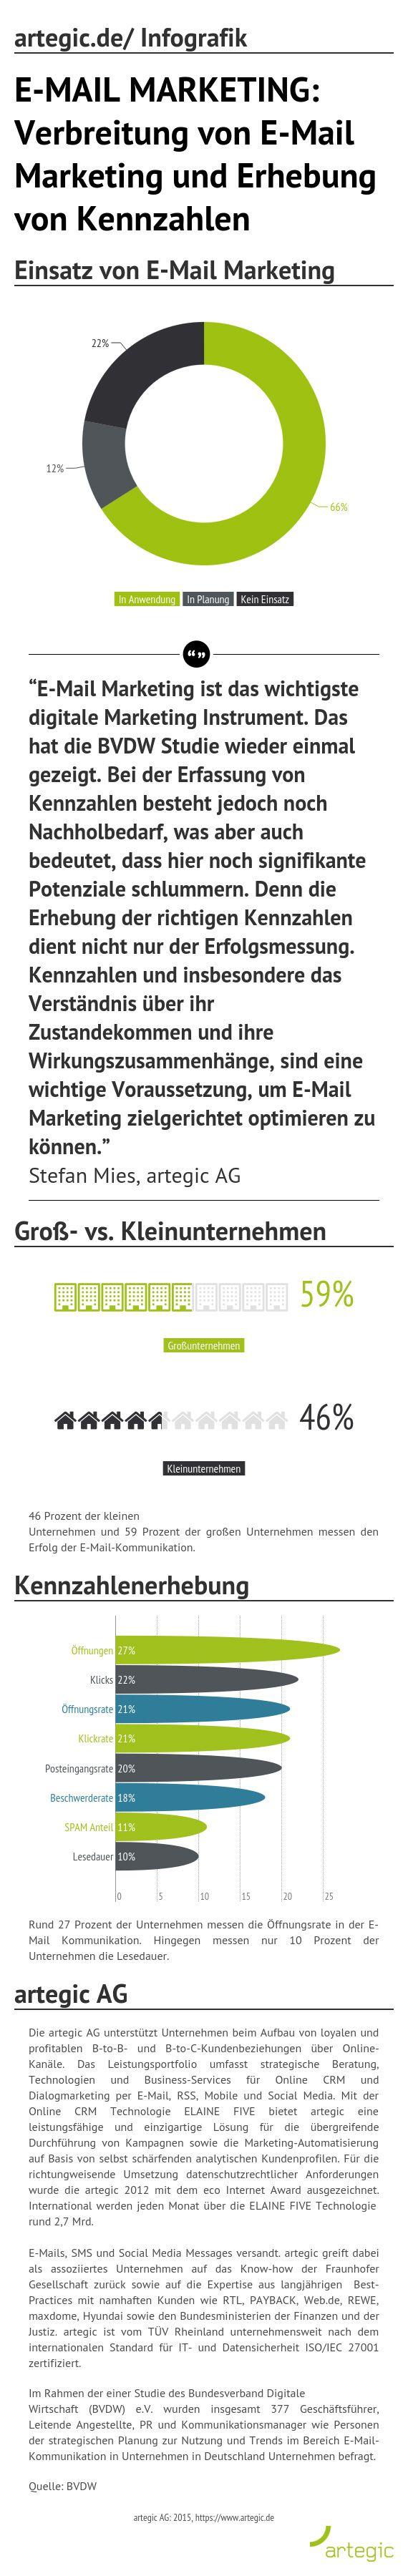 """63 Prozent der deutschen Unternehmen schätzen die Relevanz des Themas """"Personalisierte Ansprache"""" in der E-Mail Kommunikation als hoch oder sehr hoch ein. 73 Prozent werden innerhalb der nächsten Monate relativ wahrscheinlich Technologien zur Personalisierung einsetzen. Zu diesem Ergebnis kommt eine aktuelle Studie des BVDW."""